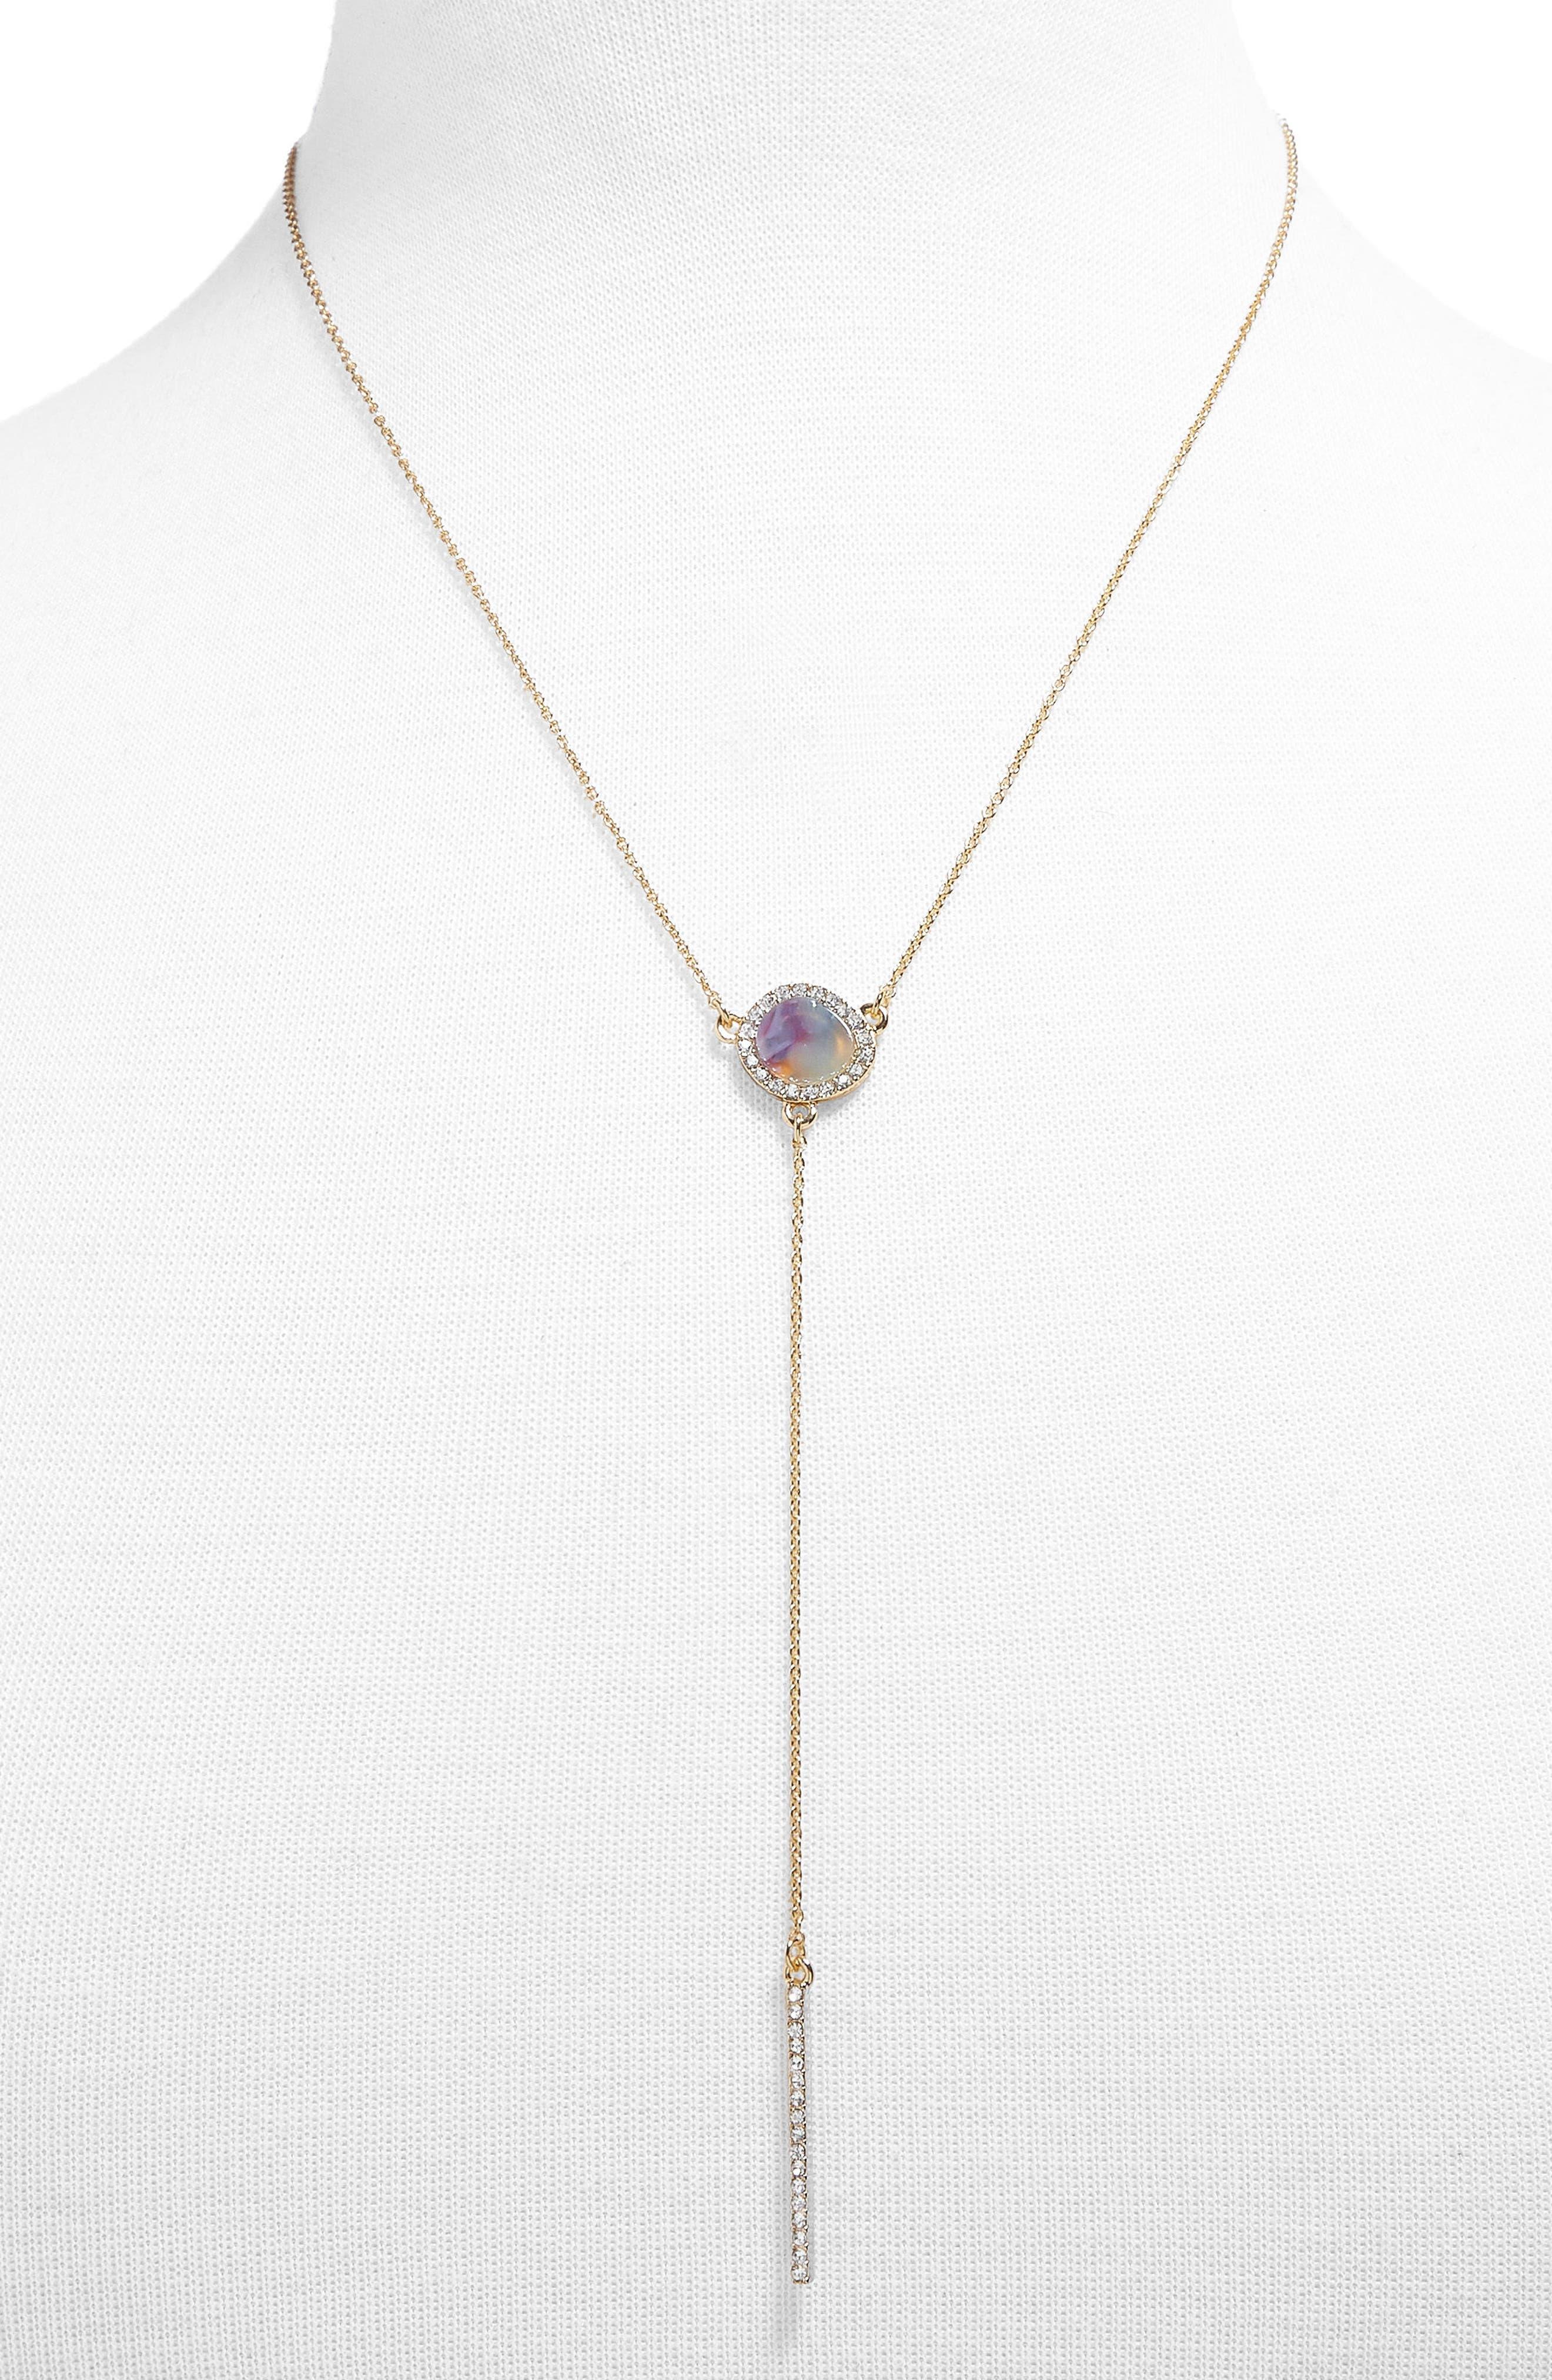 Elsha Chain Y-Necklace,                             Main thumbnail 1, color,                             Blush